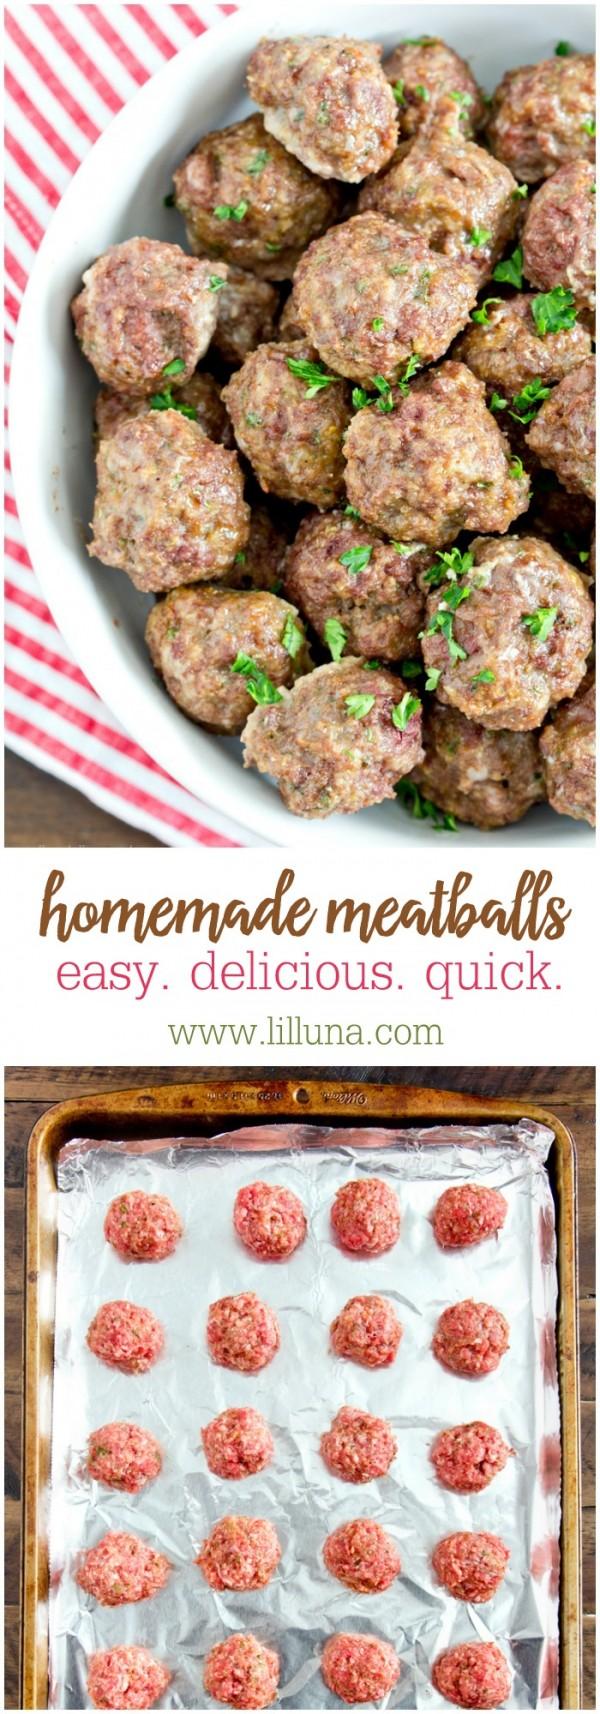 Get the recipe Homemade Meatballs @recipes_to_go